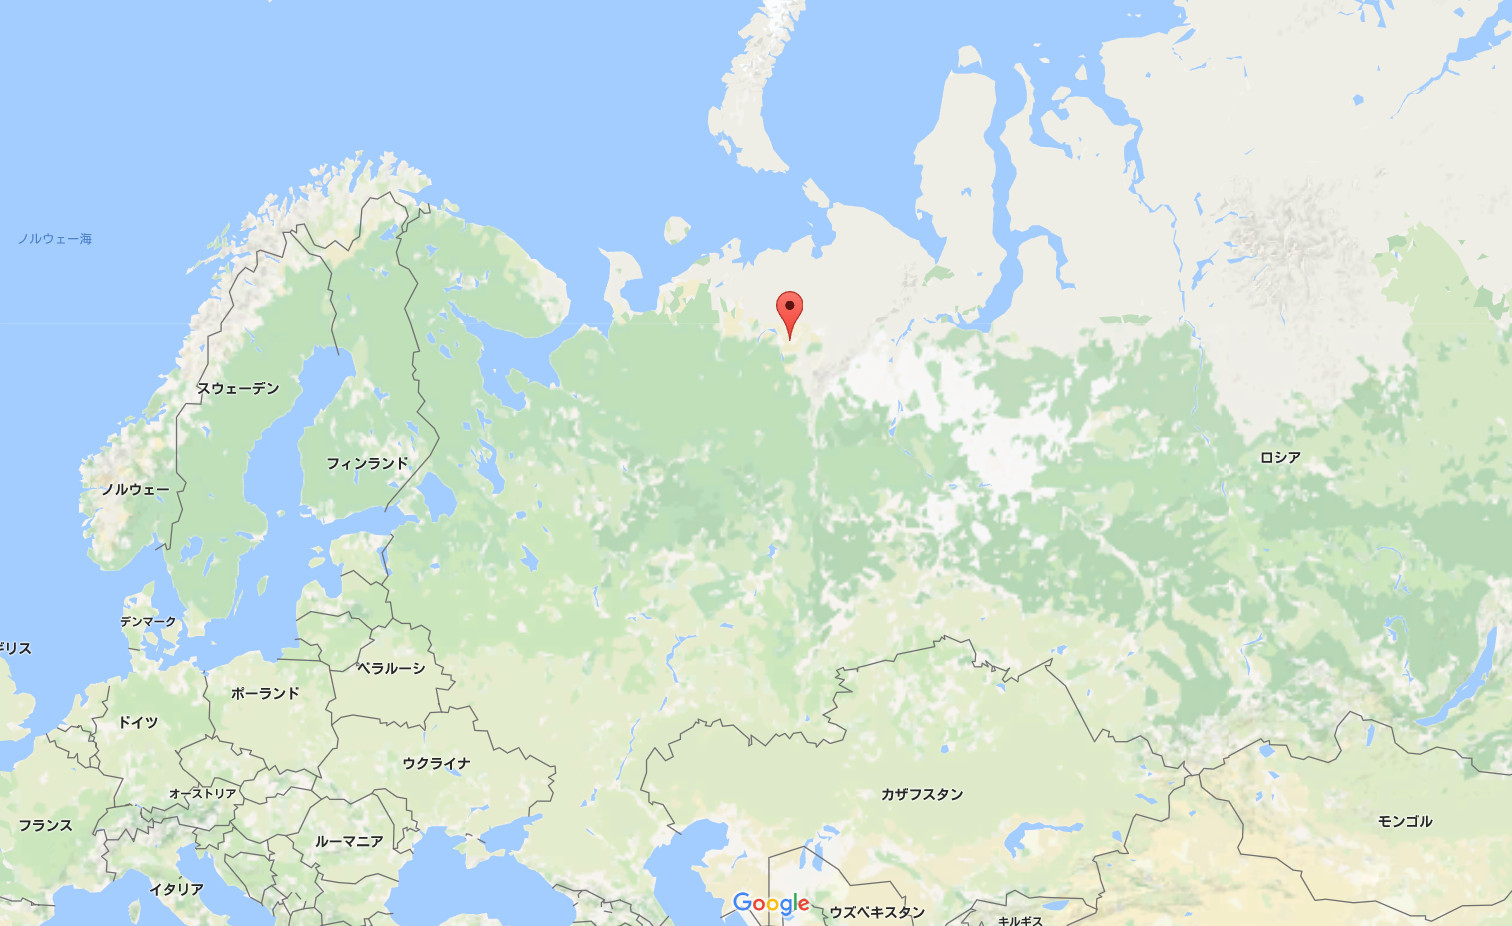 バイオハザードの前兆か ロシアの街に現れた「ゾンビフォックス」に住民震撼